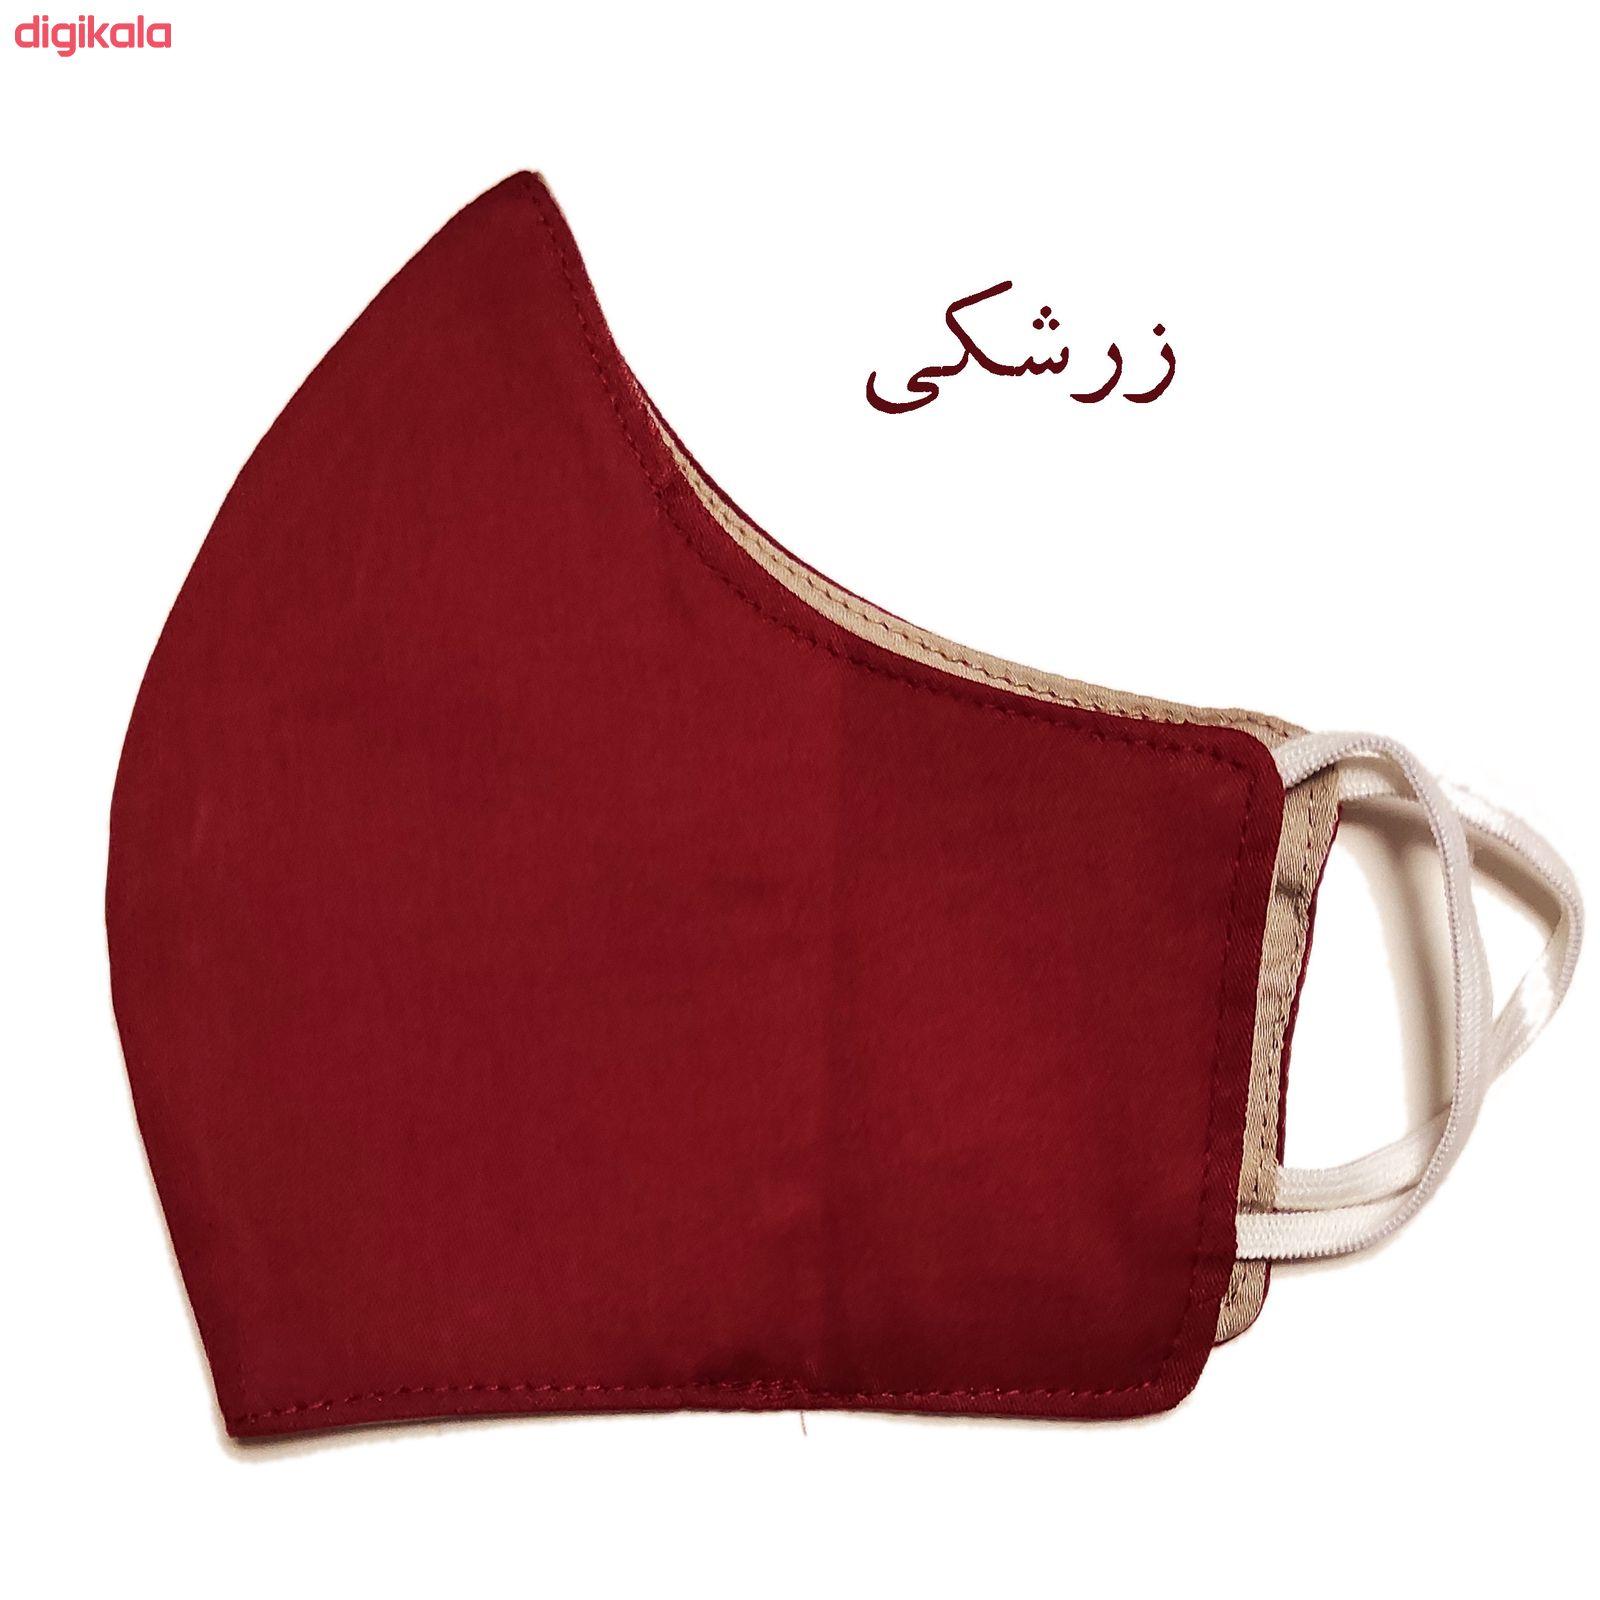 ماسک پارچه ای مدل سایه کد 06 main 1 15